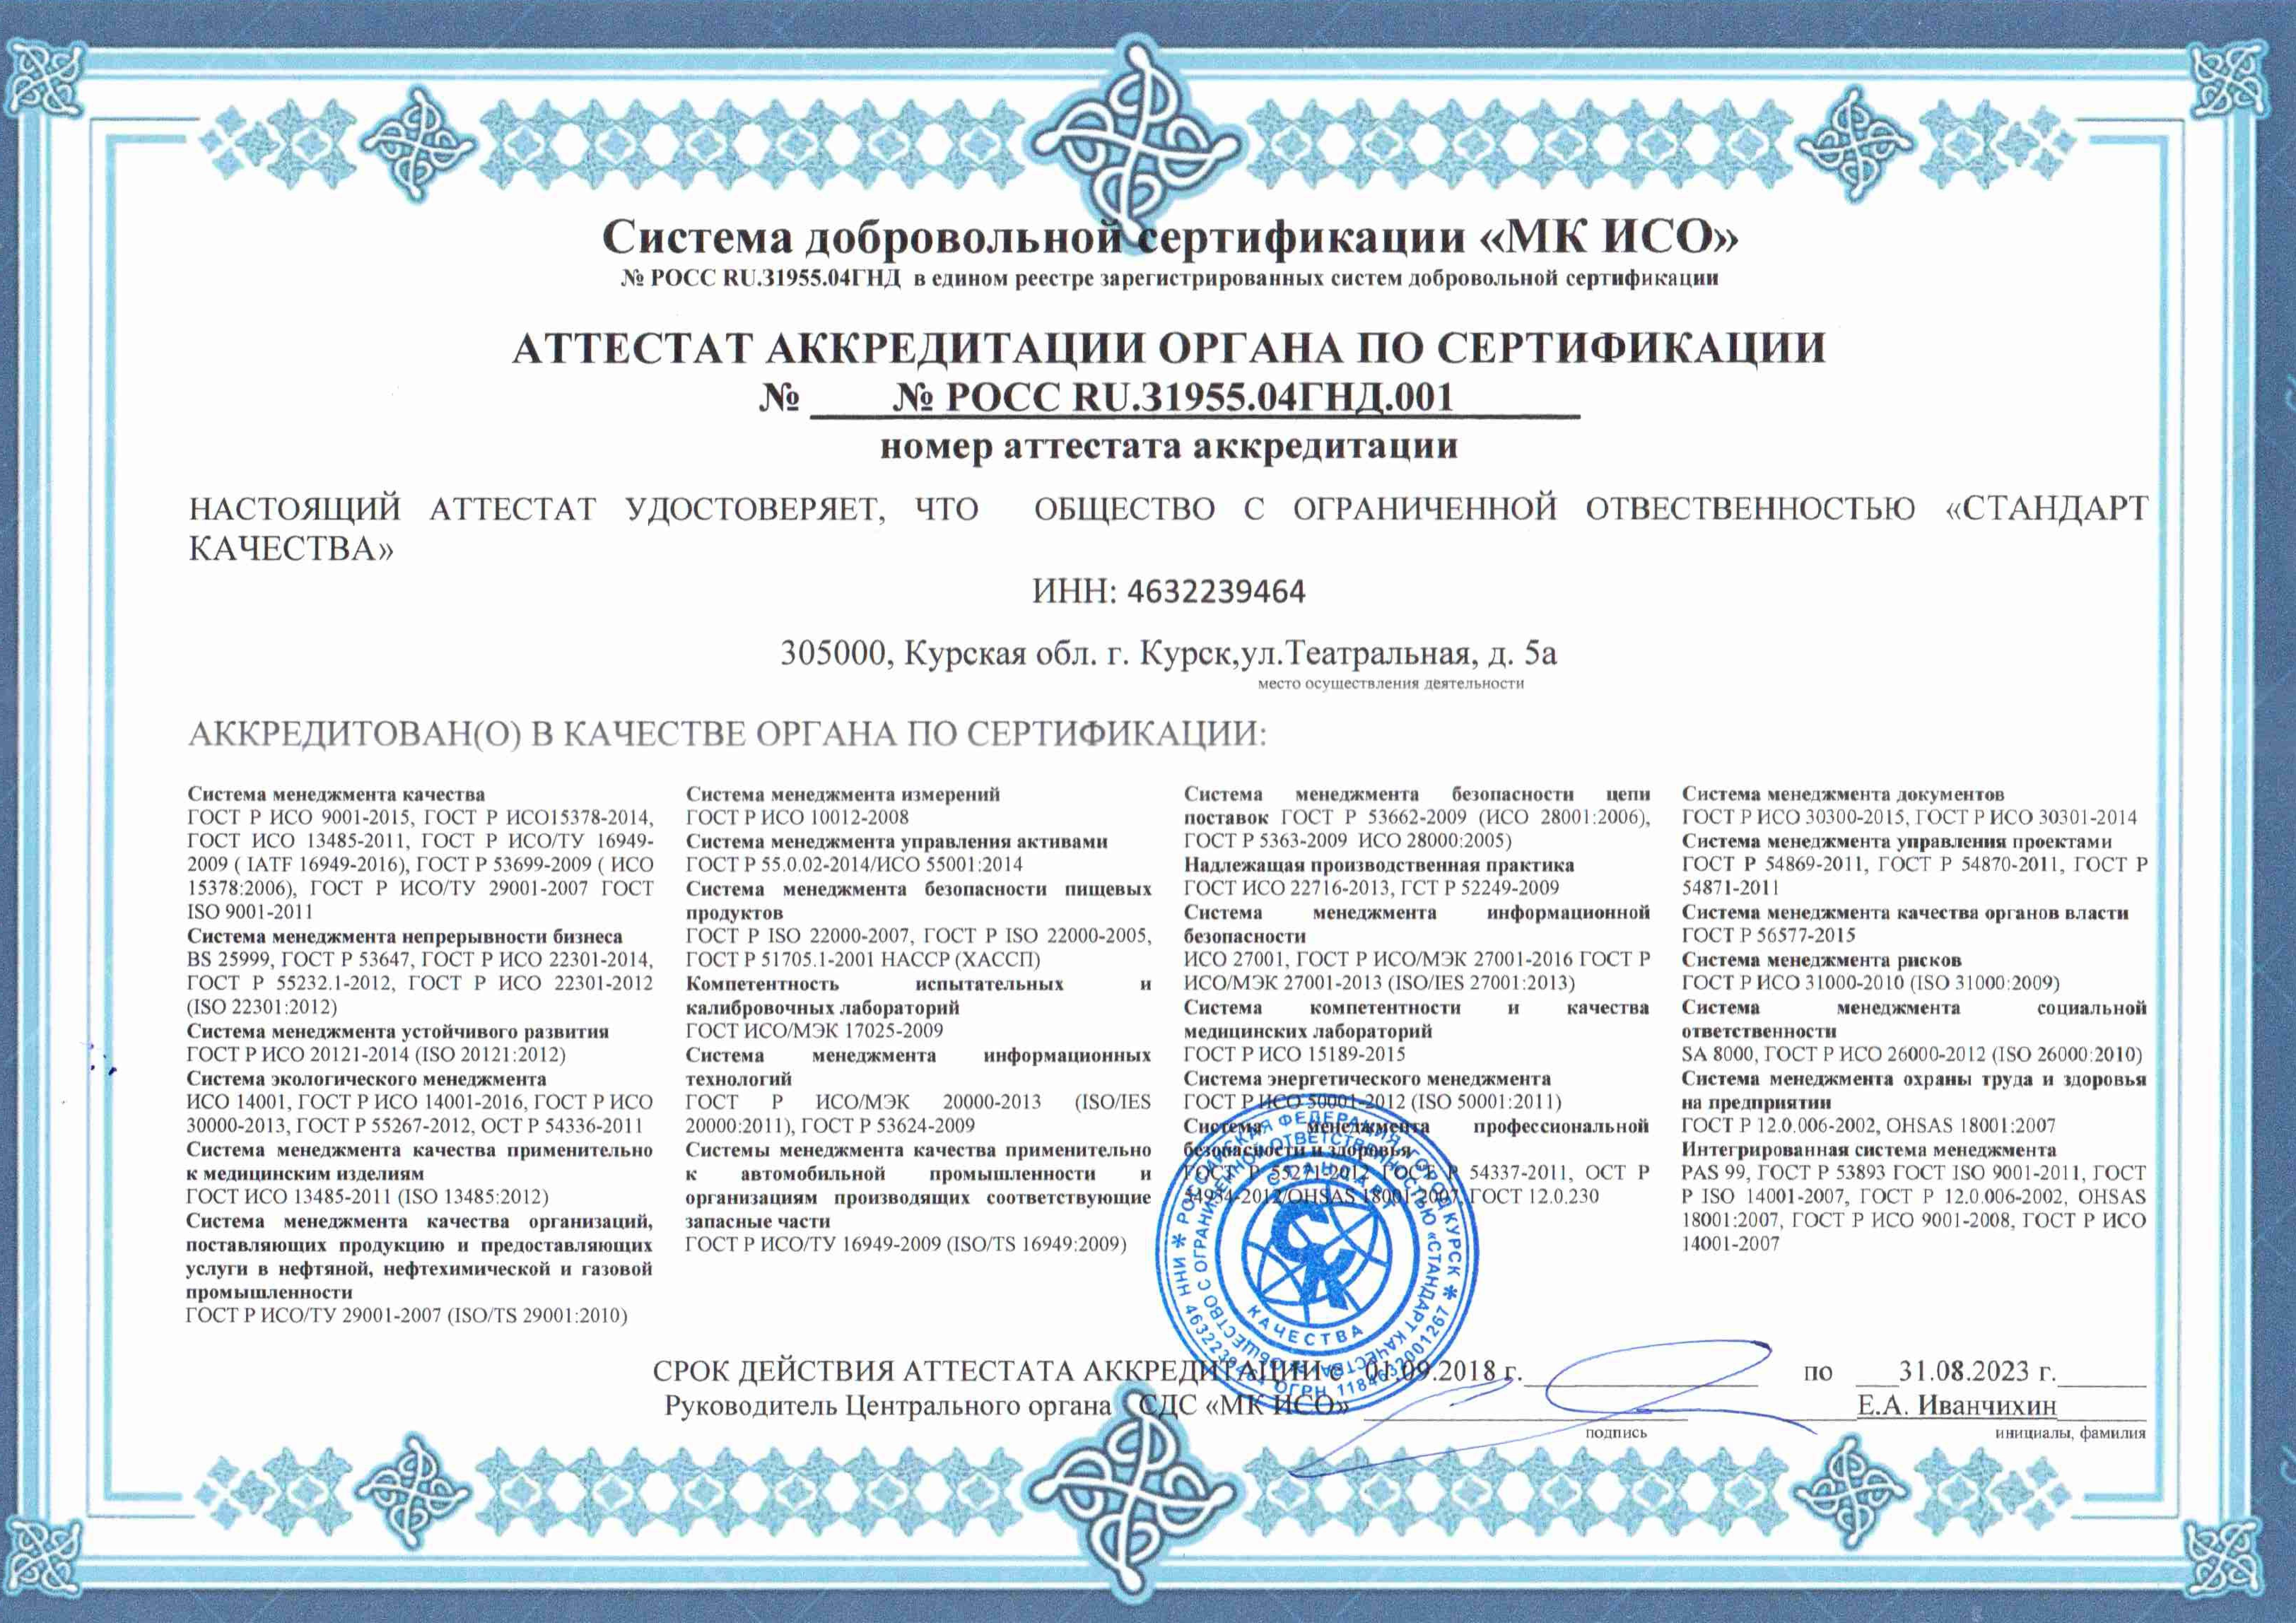 Аттестат аккредитации МК ИСО-001 (1)